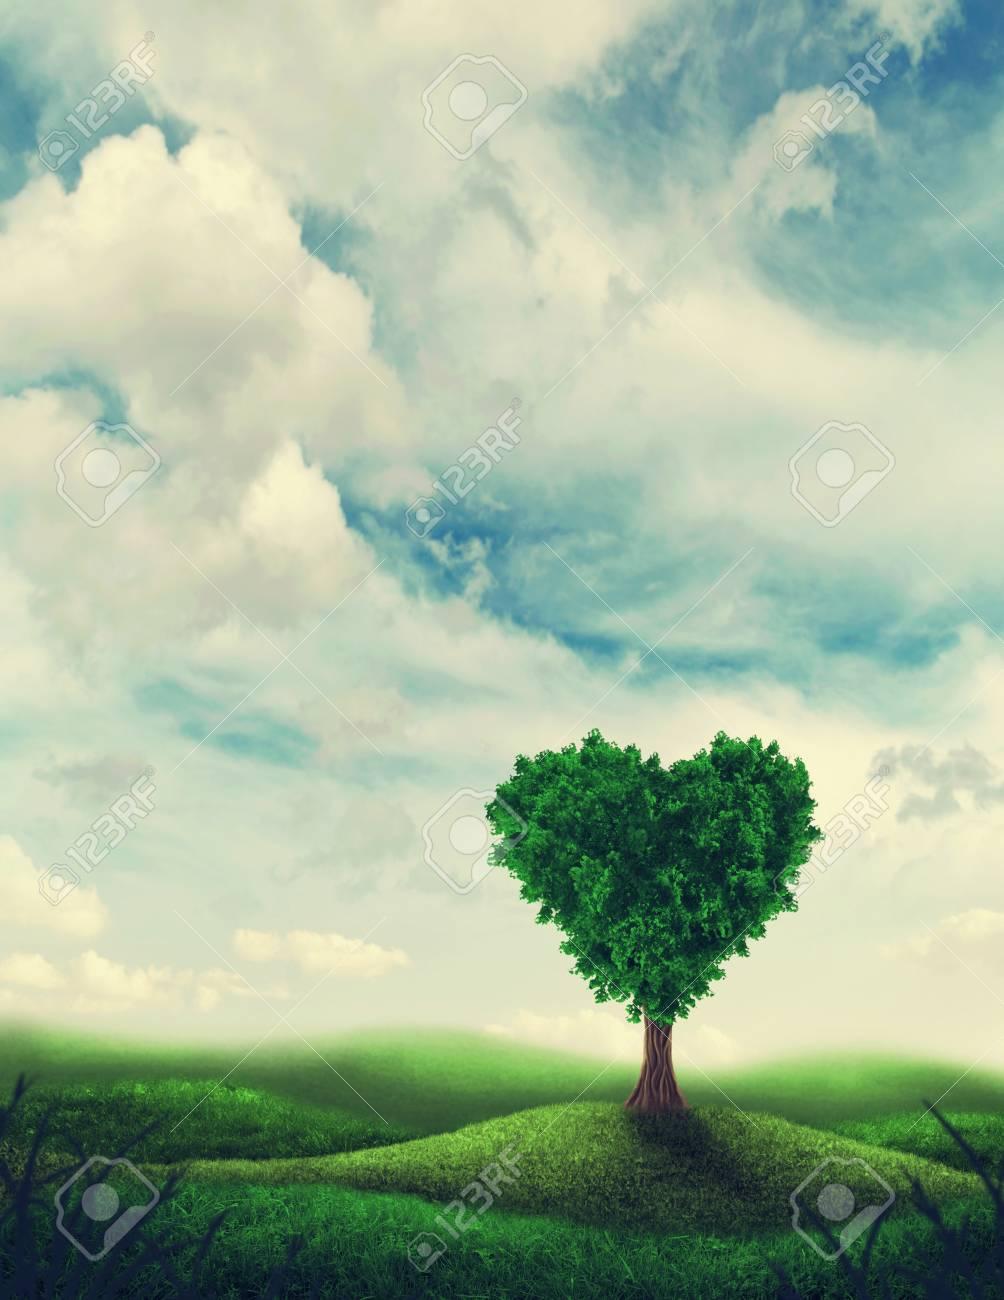 Paisaje Con árbol De Forma De Corazón Fotos Retratos Imágenes Y